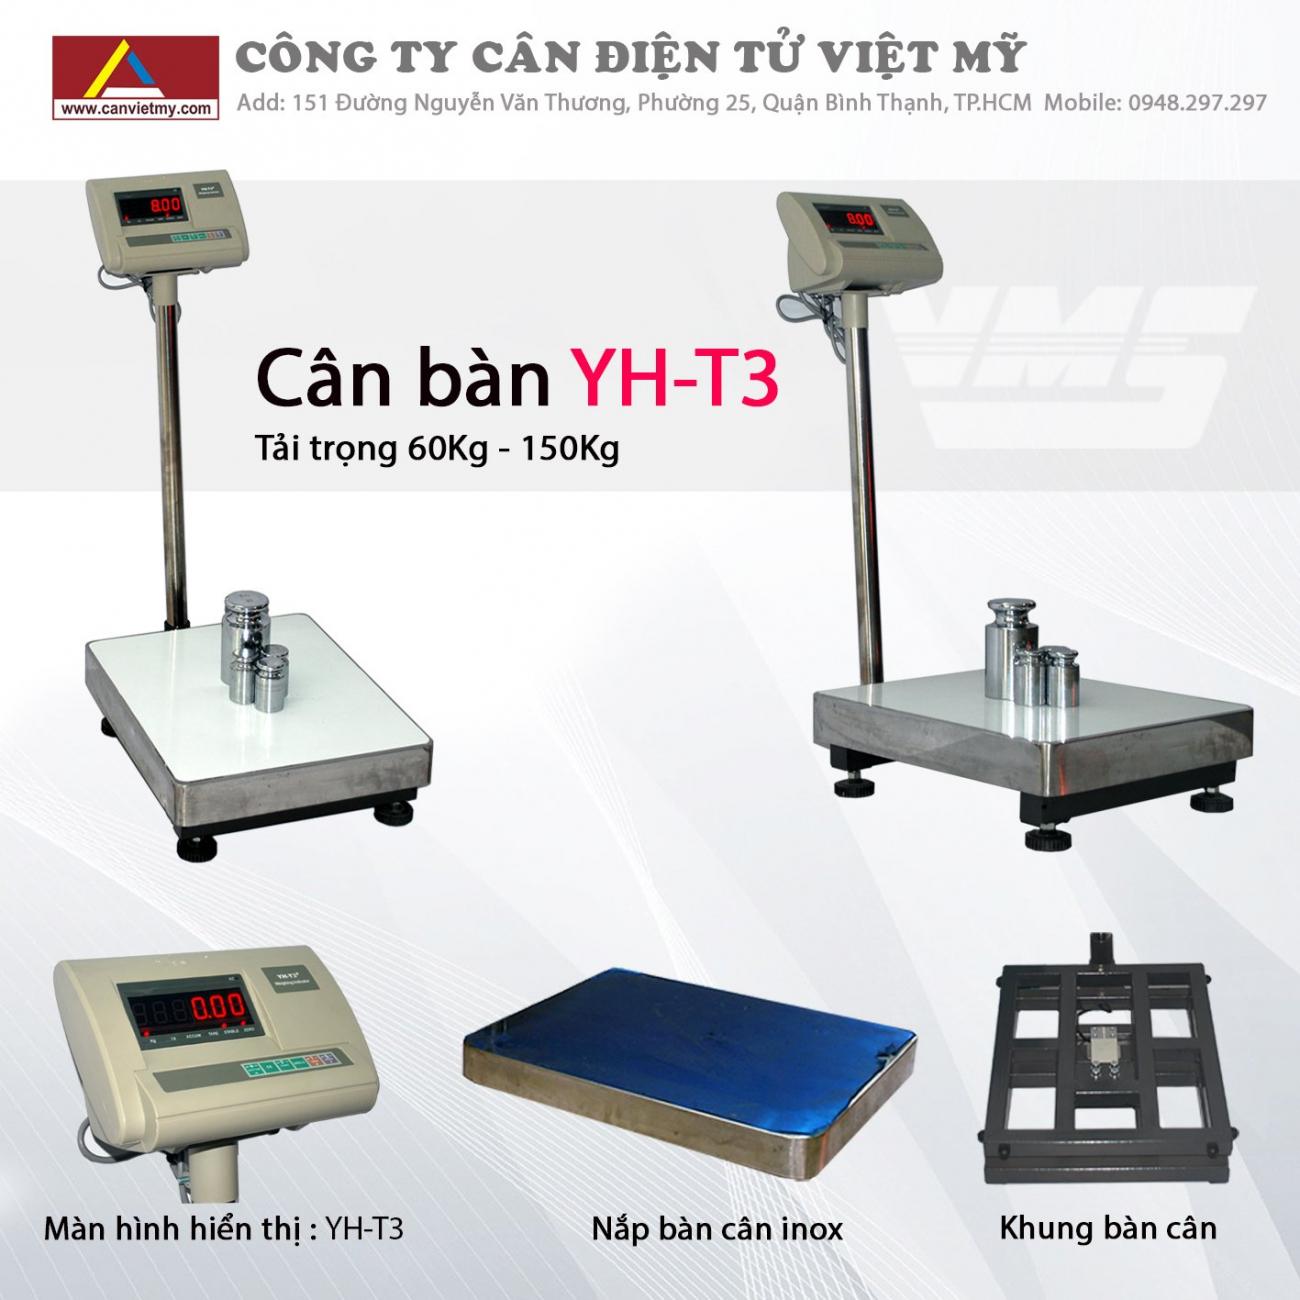 CÂN BÀN ĐIỆN TỬ 60KG - YH-T3 slide 0